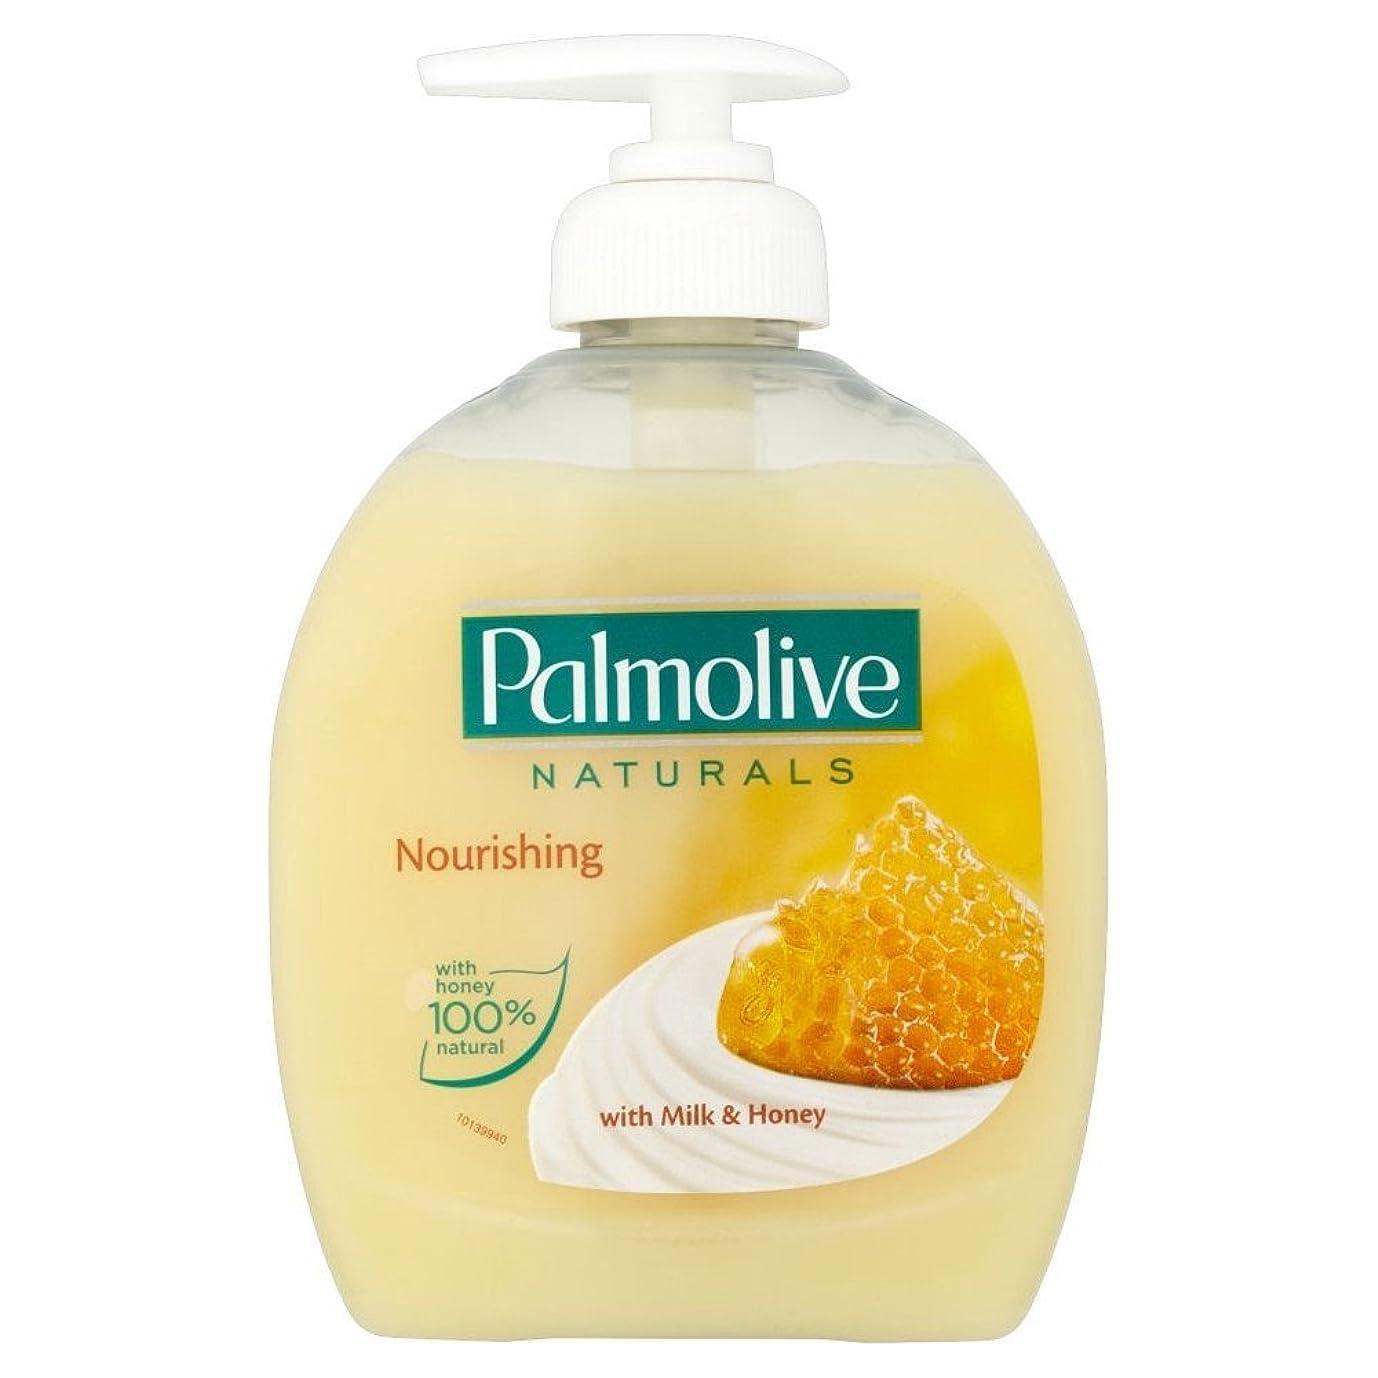 不屈パース理想的Palmolive Naturals Nourishing Milk & Honey Liquid Handwash for Very Dry Skin (300ml) 非常に乾燥肌のための乳と蜜の液体手洗い栄養パルモナチュラルズ( 300ミリリットル) [並行輸入品]